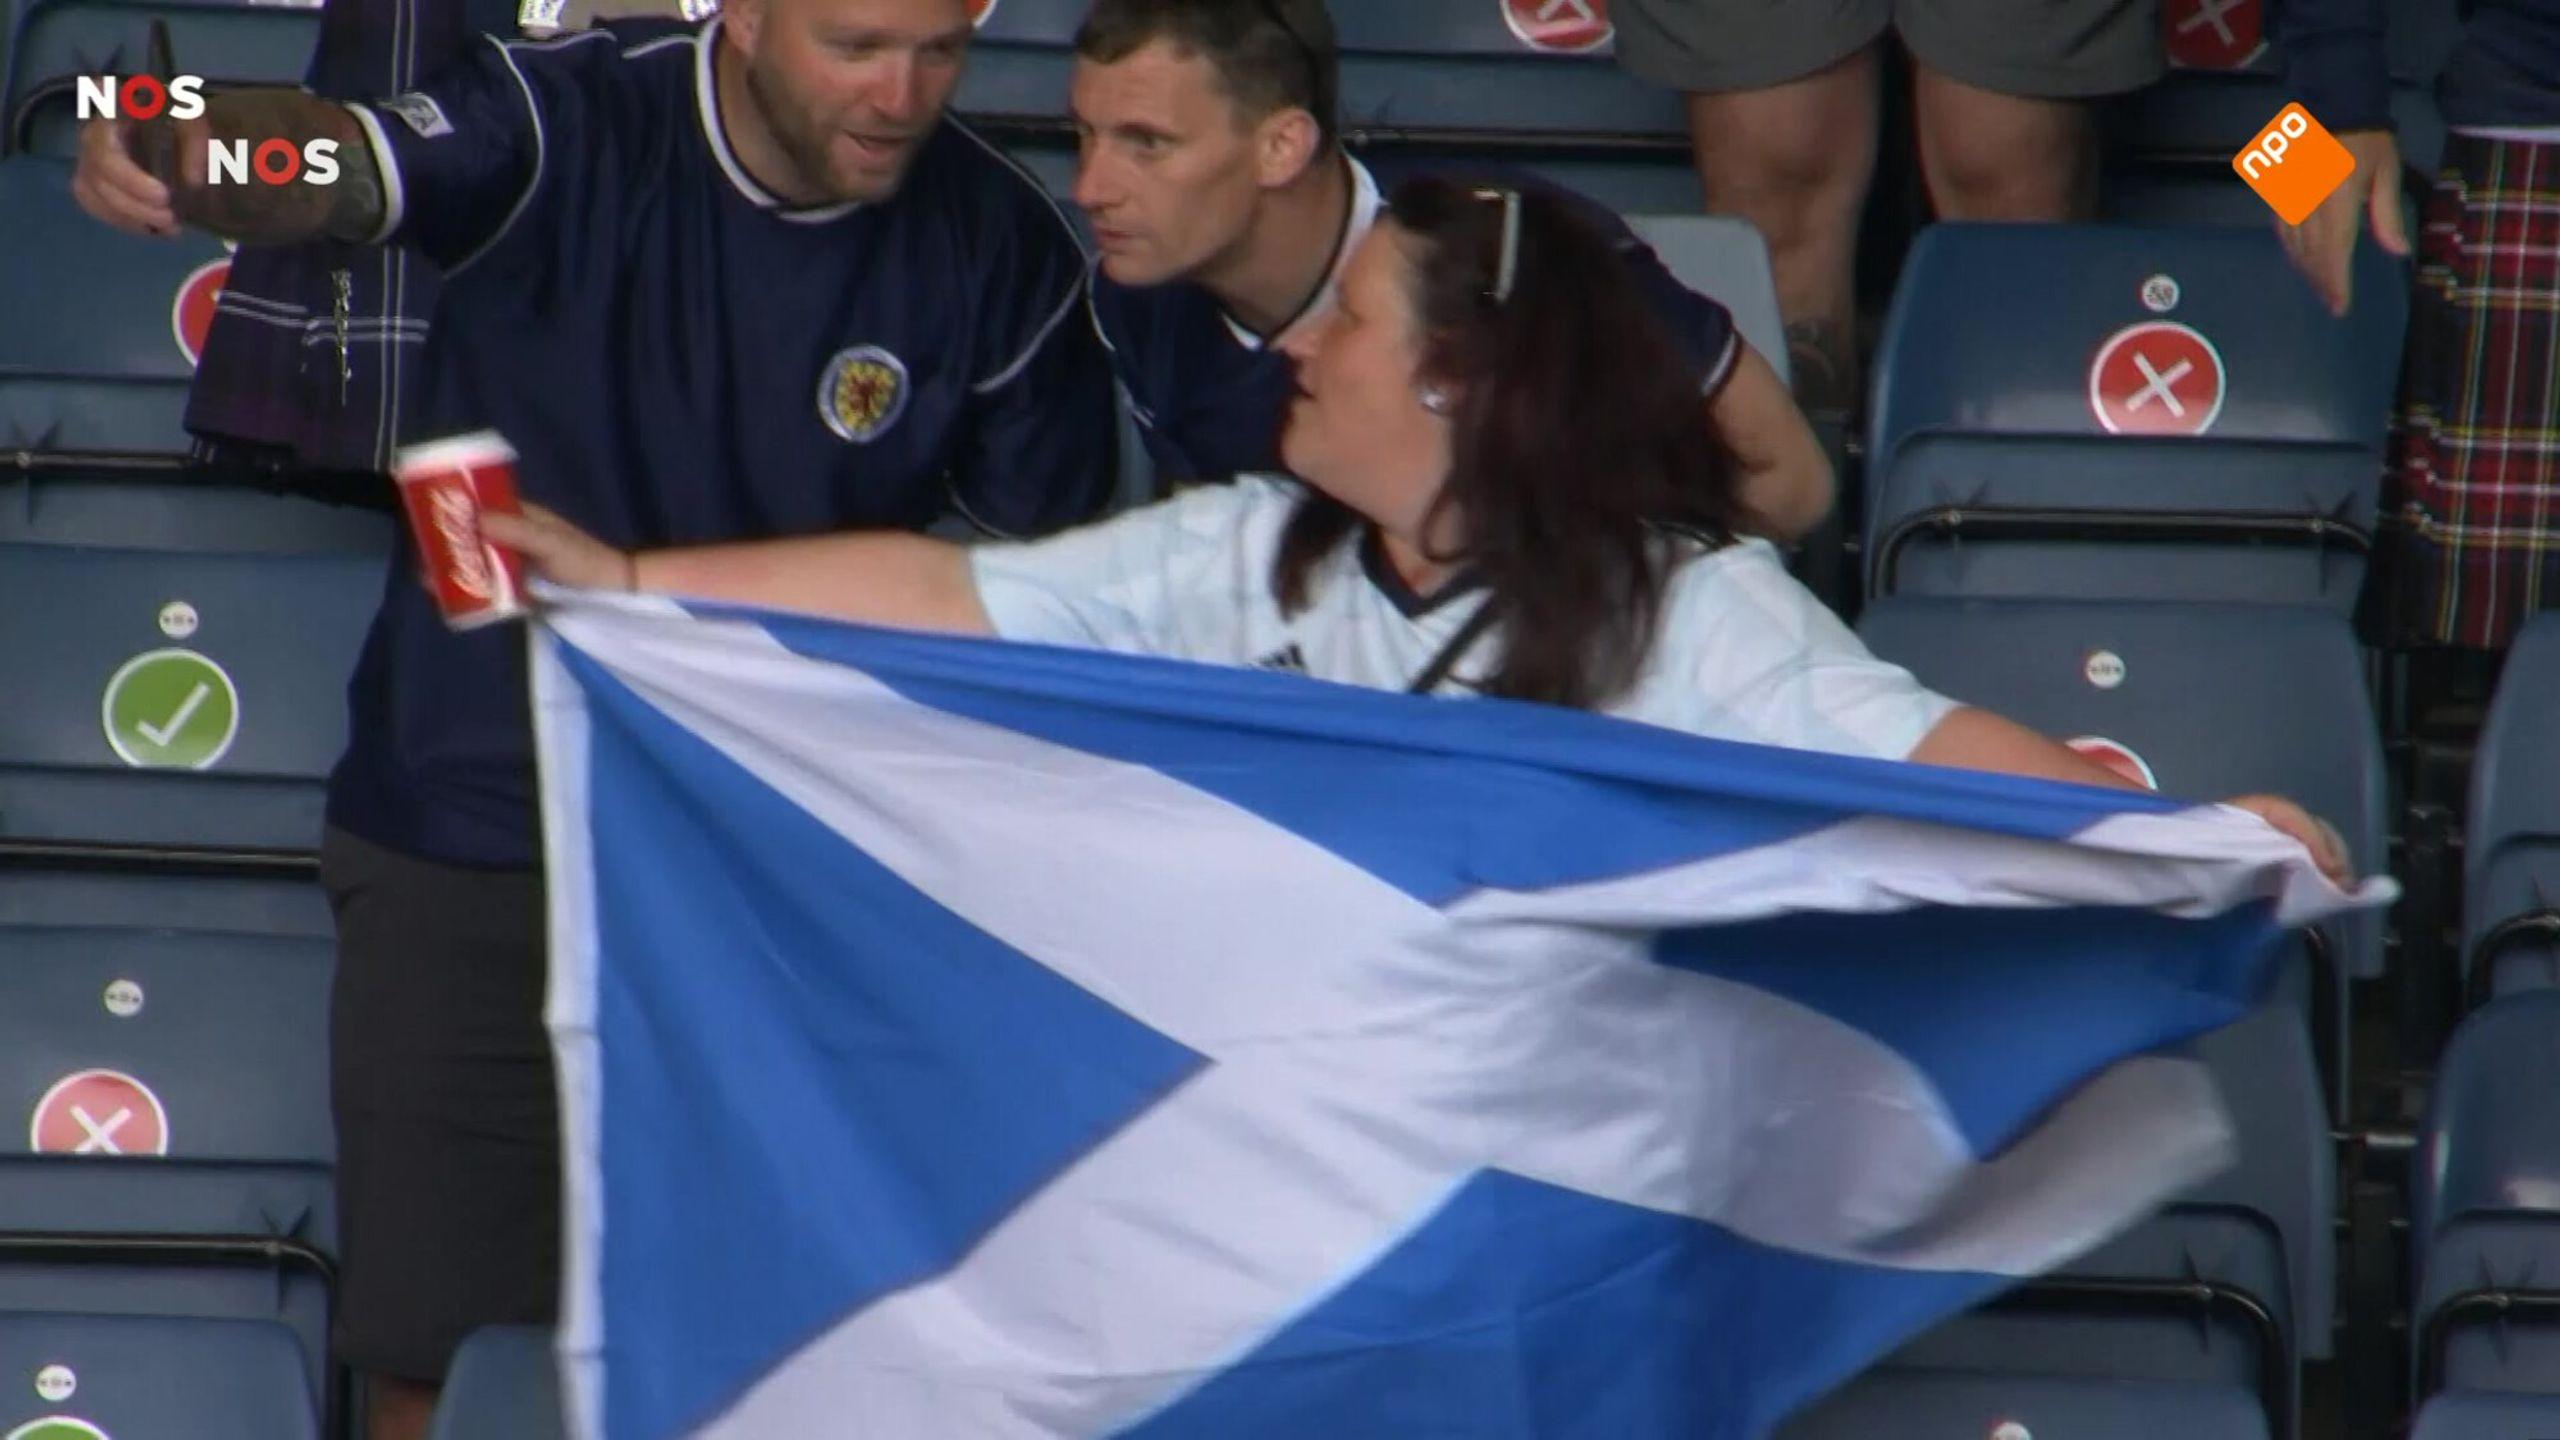 NOS EK Voetbal Schotland -Tsjechië eerste helft